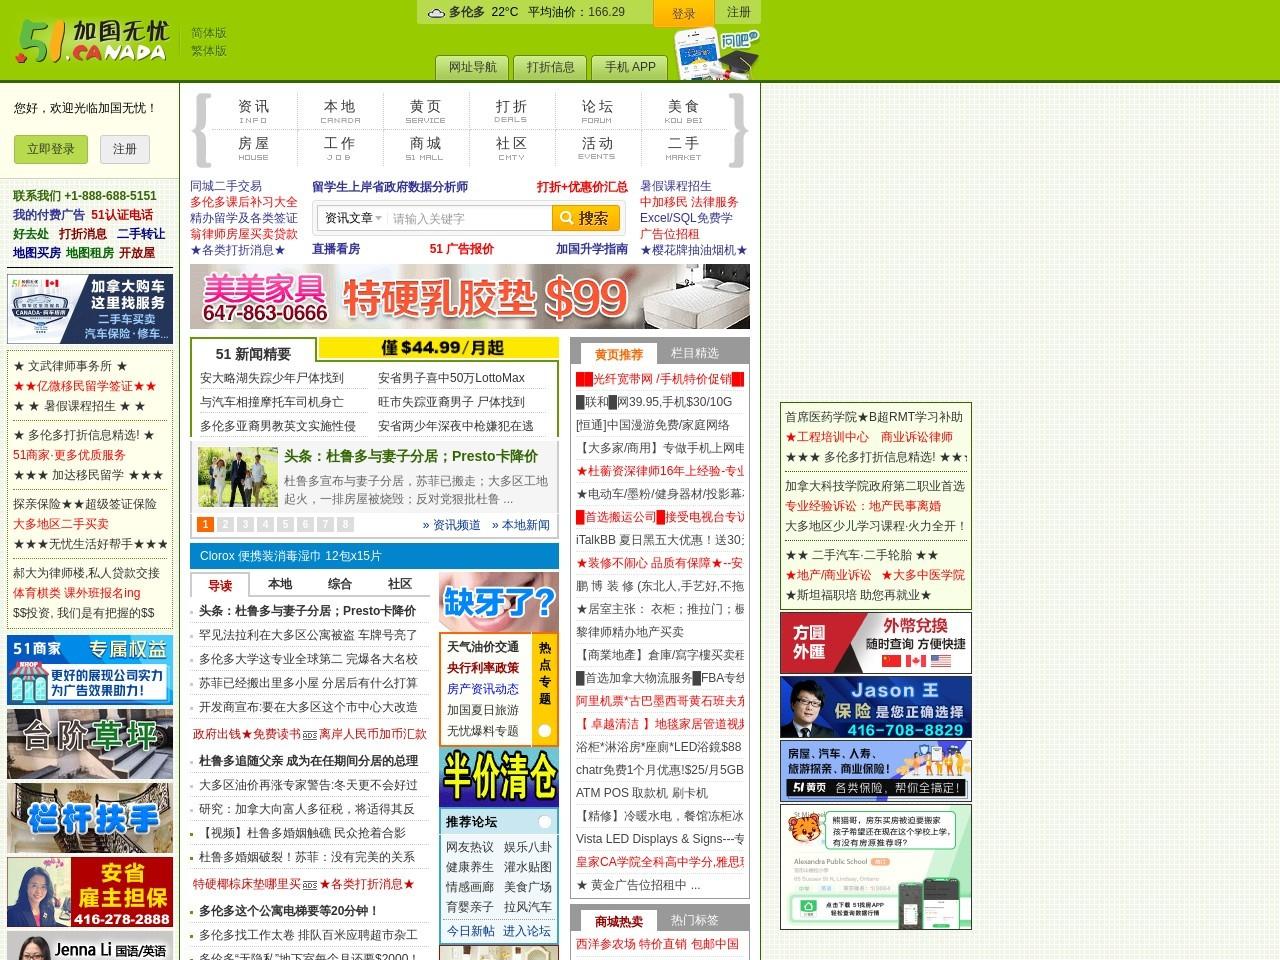 加国无忧 - 加拿大华人网上家园